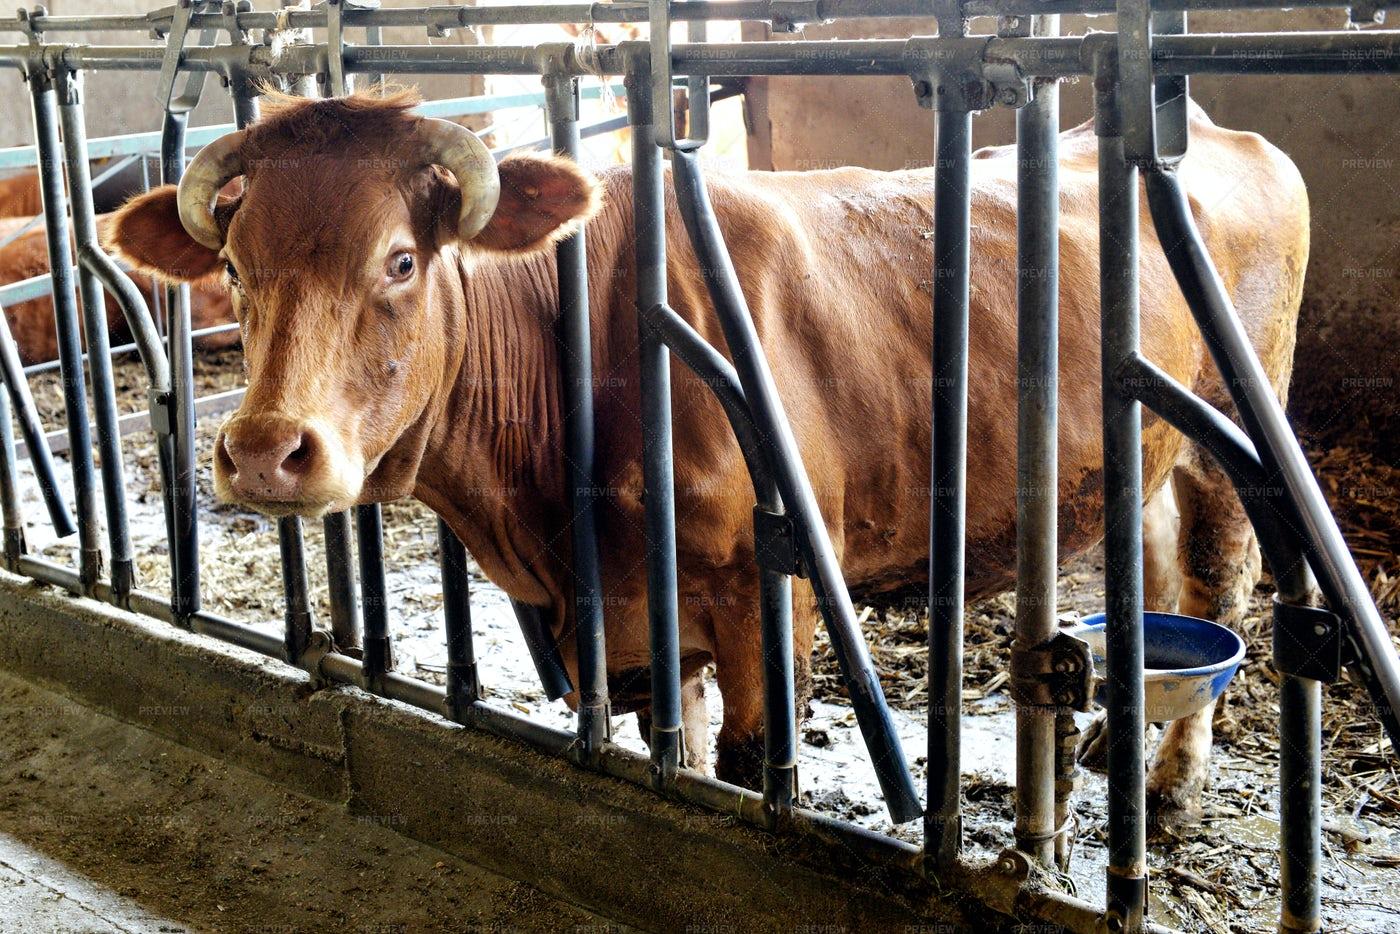 Ox In A Winter Barn: Stock Photos